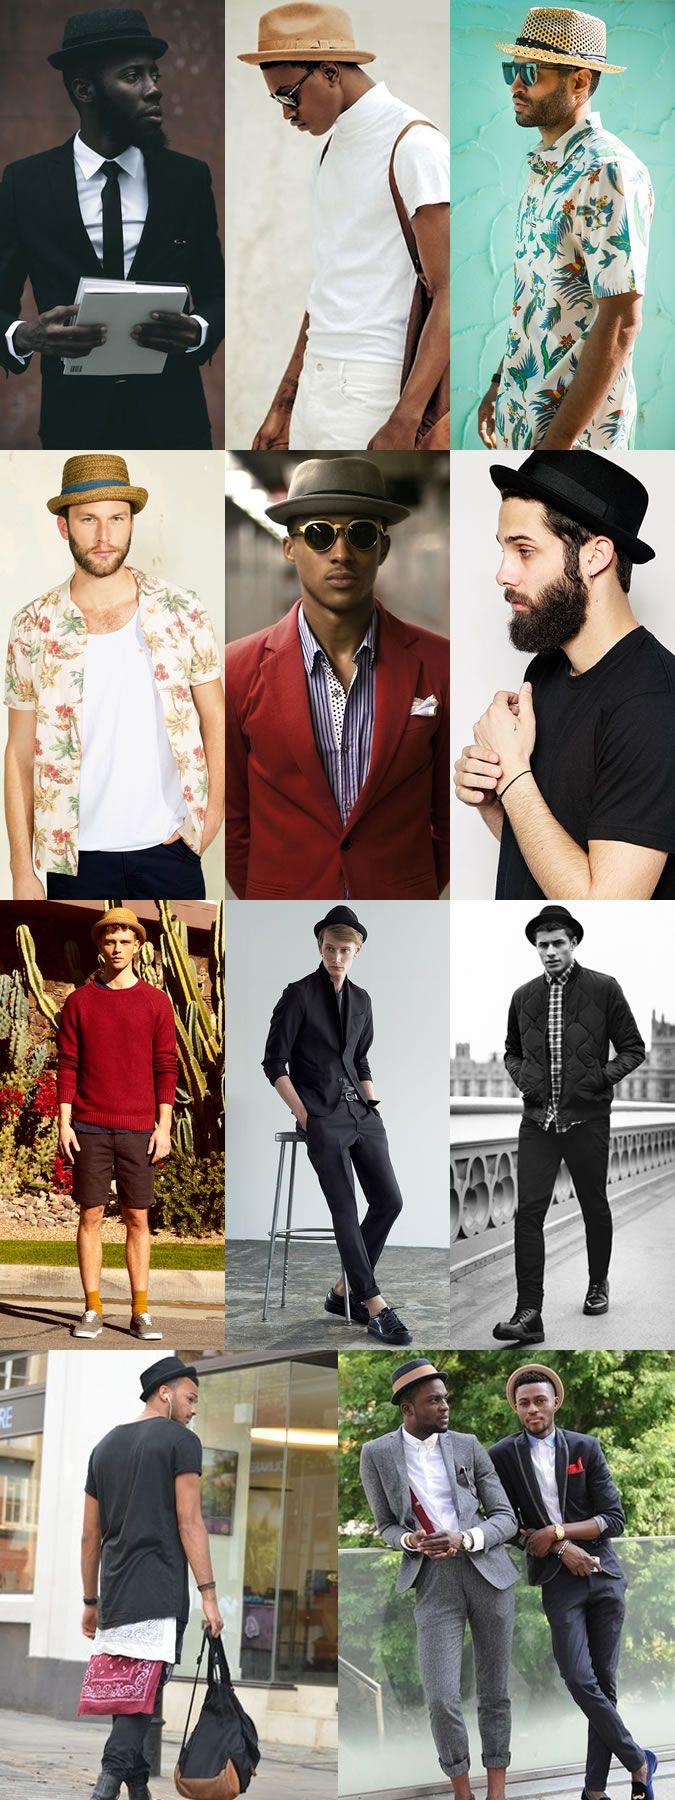 Como usar chapéu Porkpie: várias opções e maneiras diferentes de usar esse tipo de chapéu com camisa florida, roupa social, terno e camiseta.